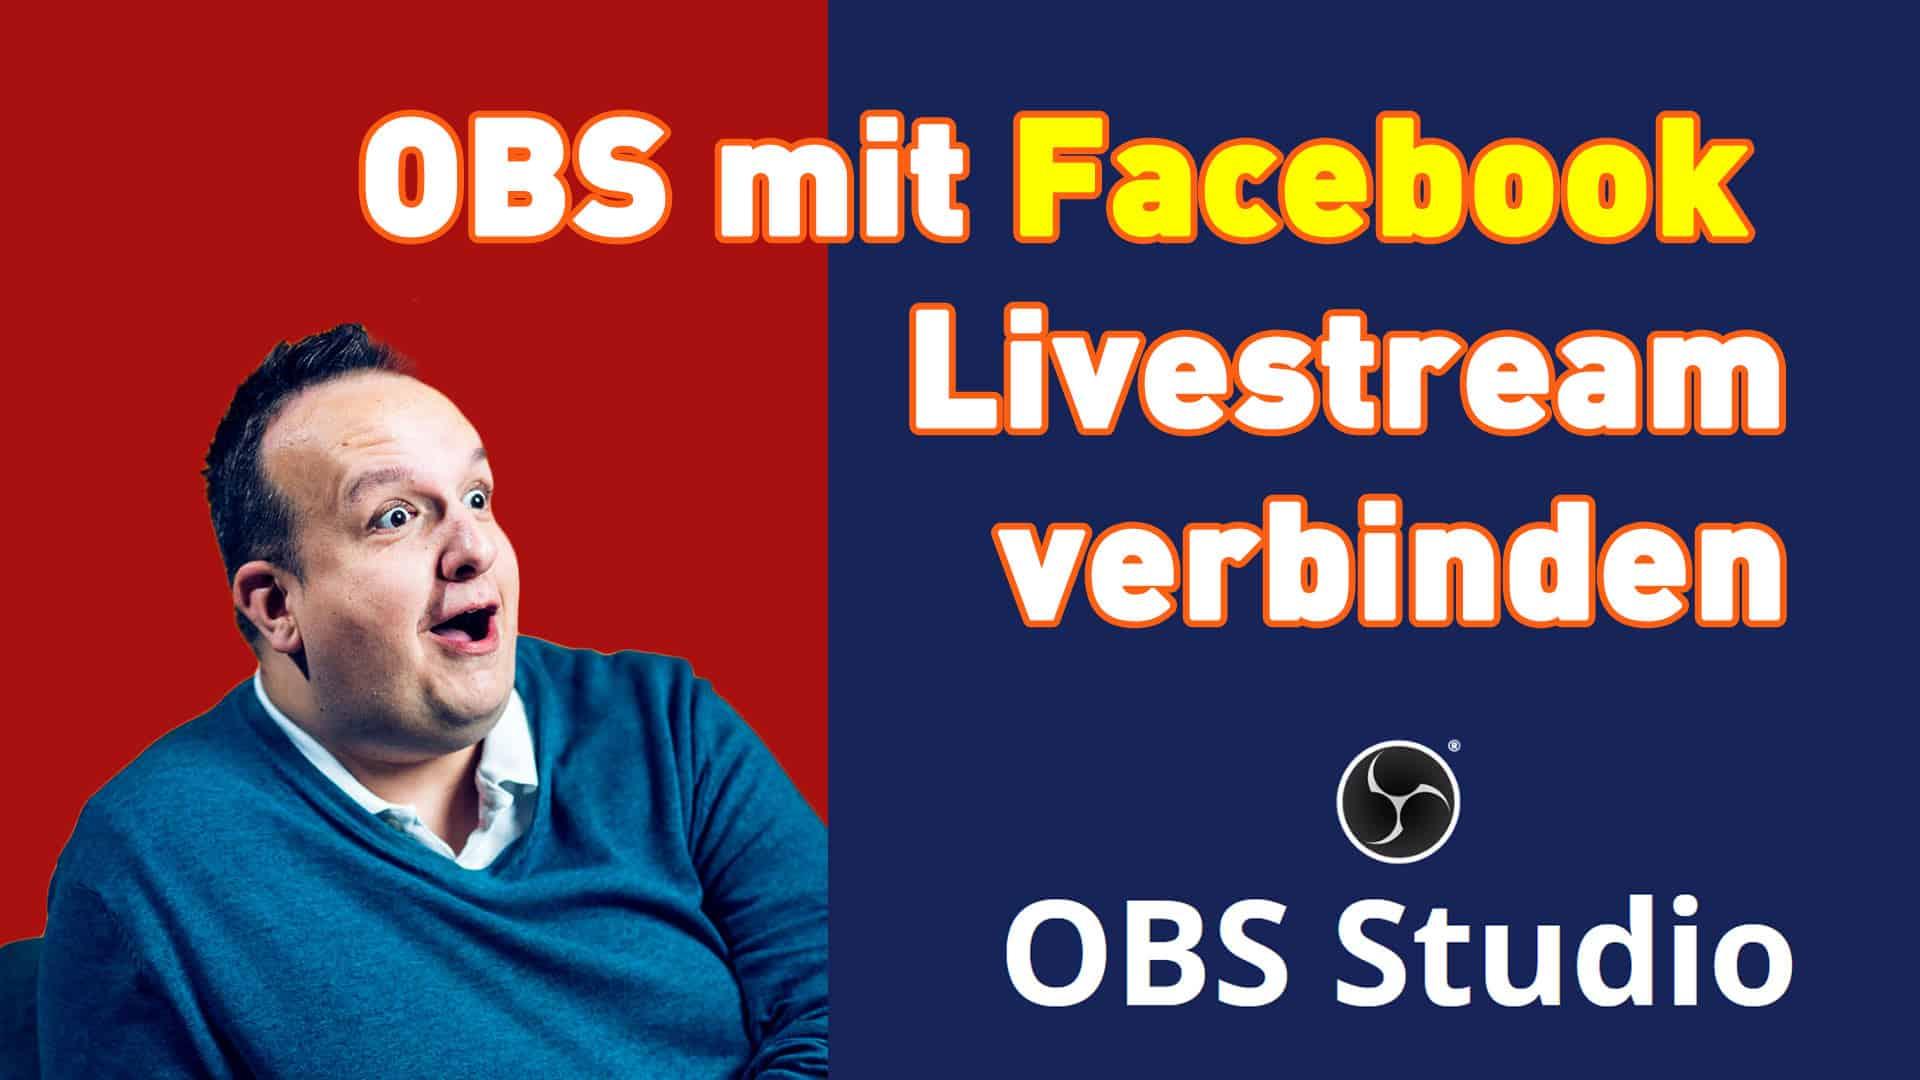 OBS  mit Facebook Livestream verbinden